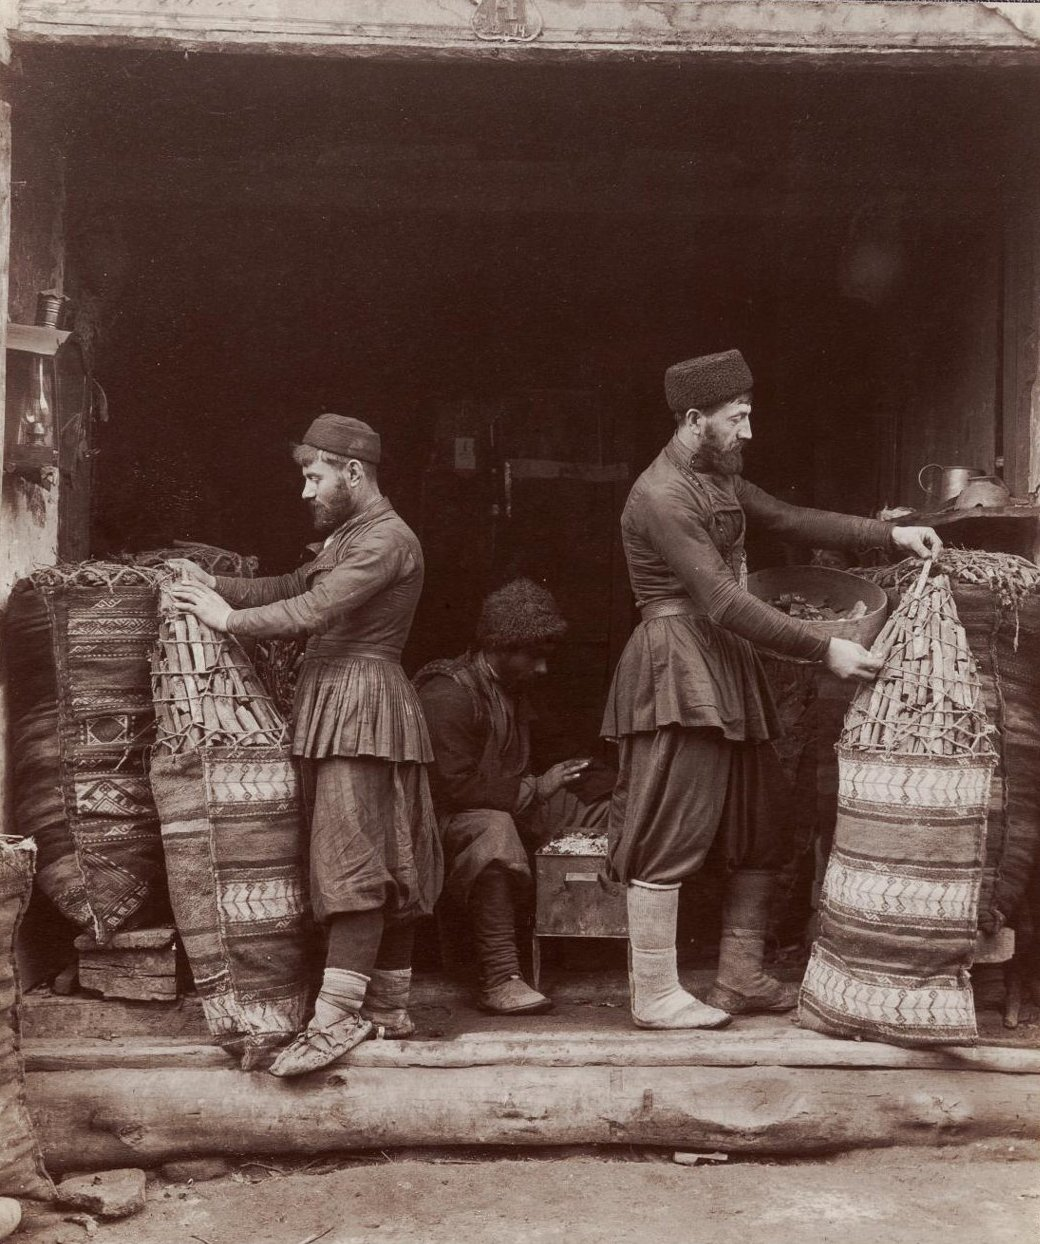 Угольщики, укладывающие угли и муша, греющий руки над мангалом